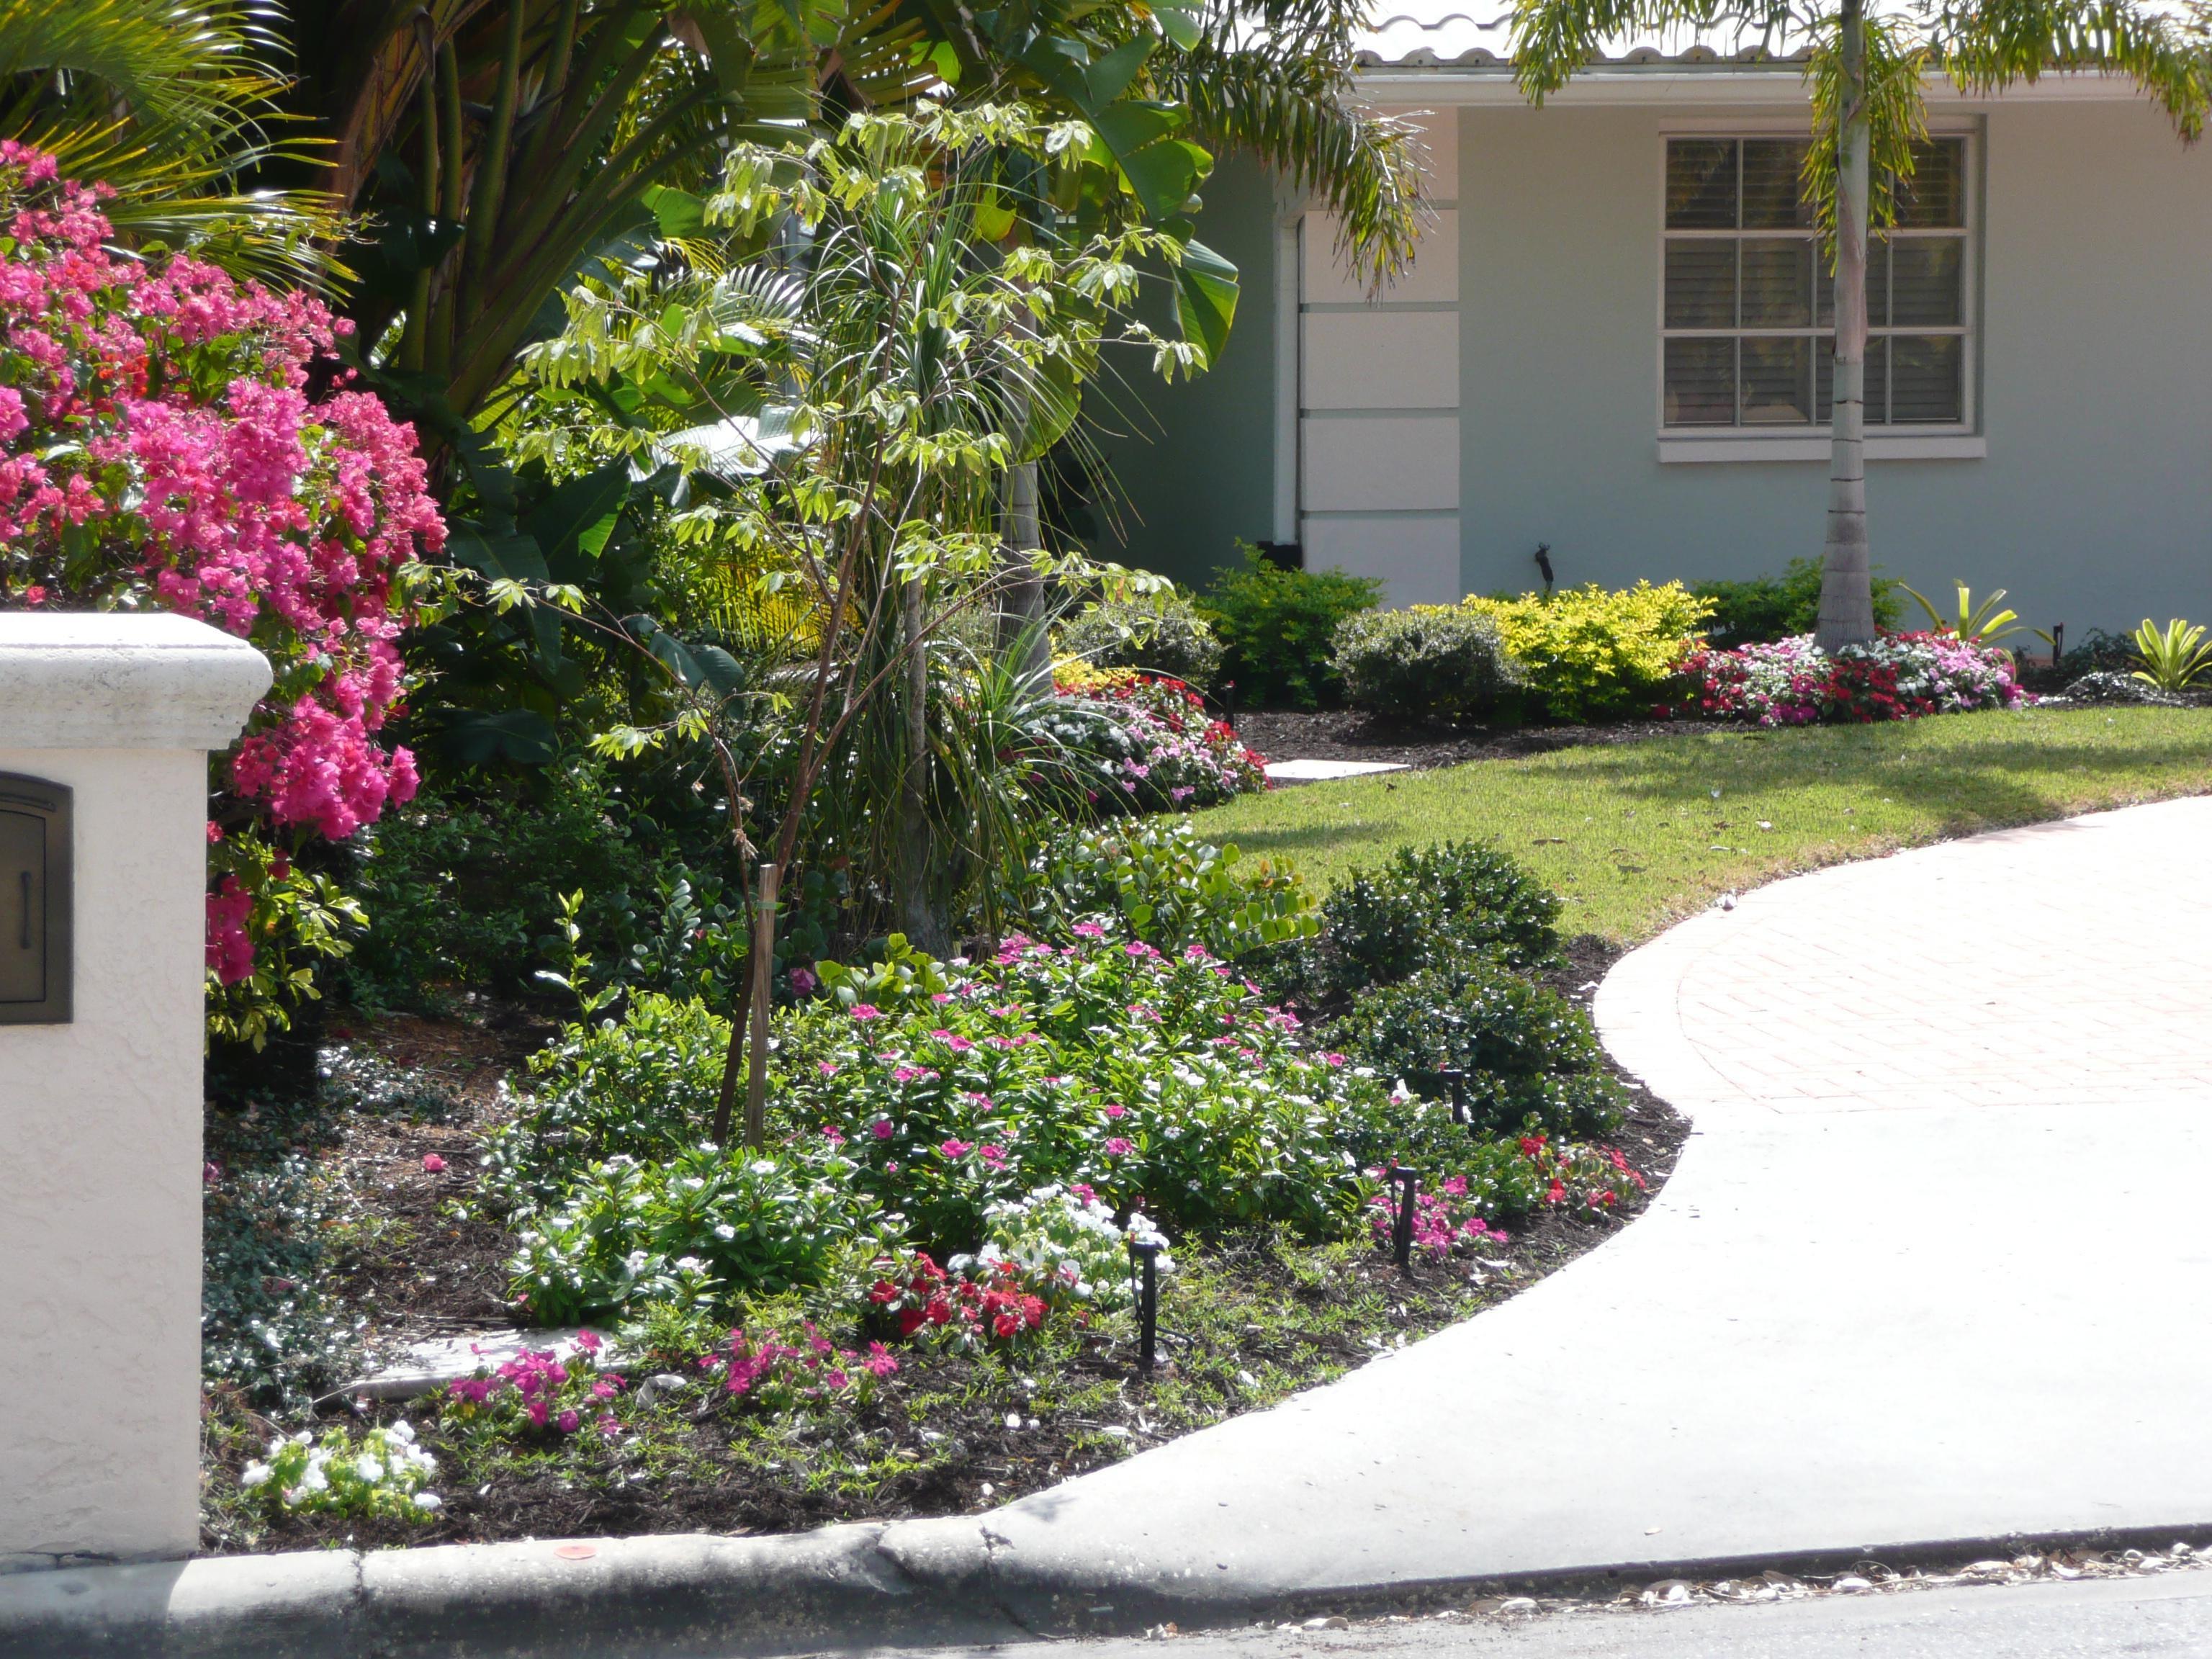 Florida Backyard Landscaping Large And Beautiful Photos Photo